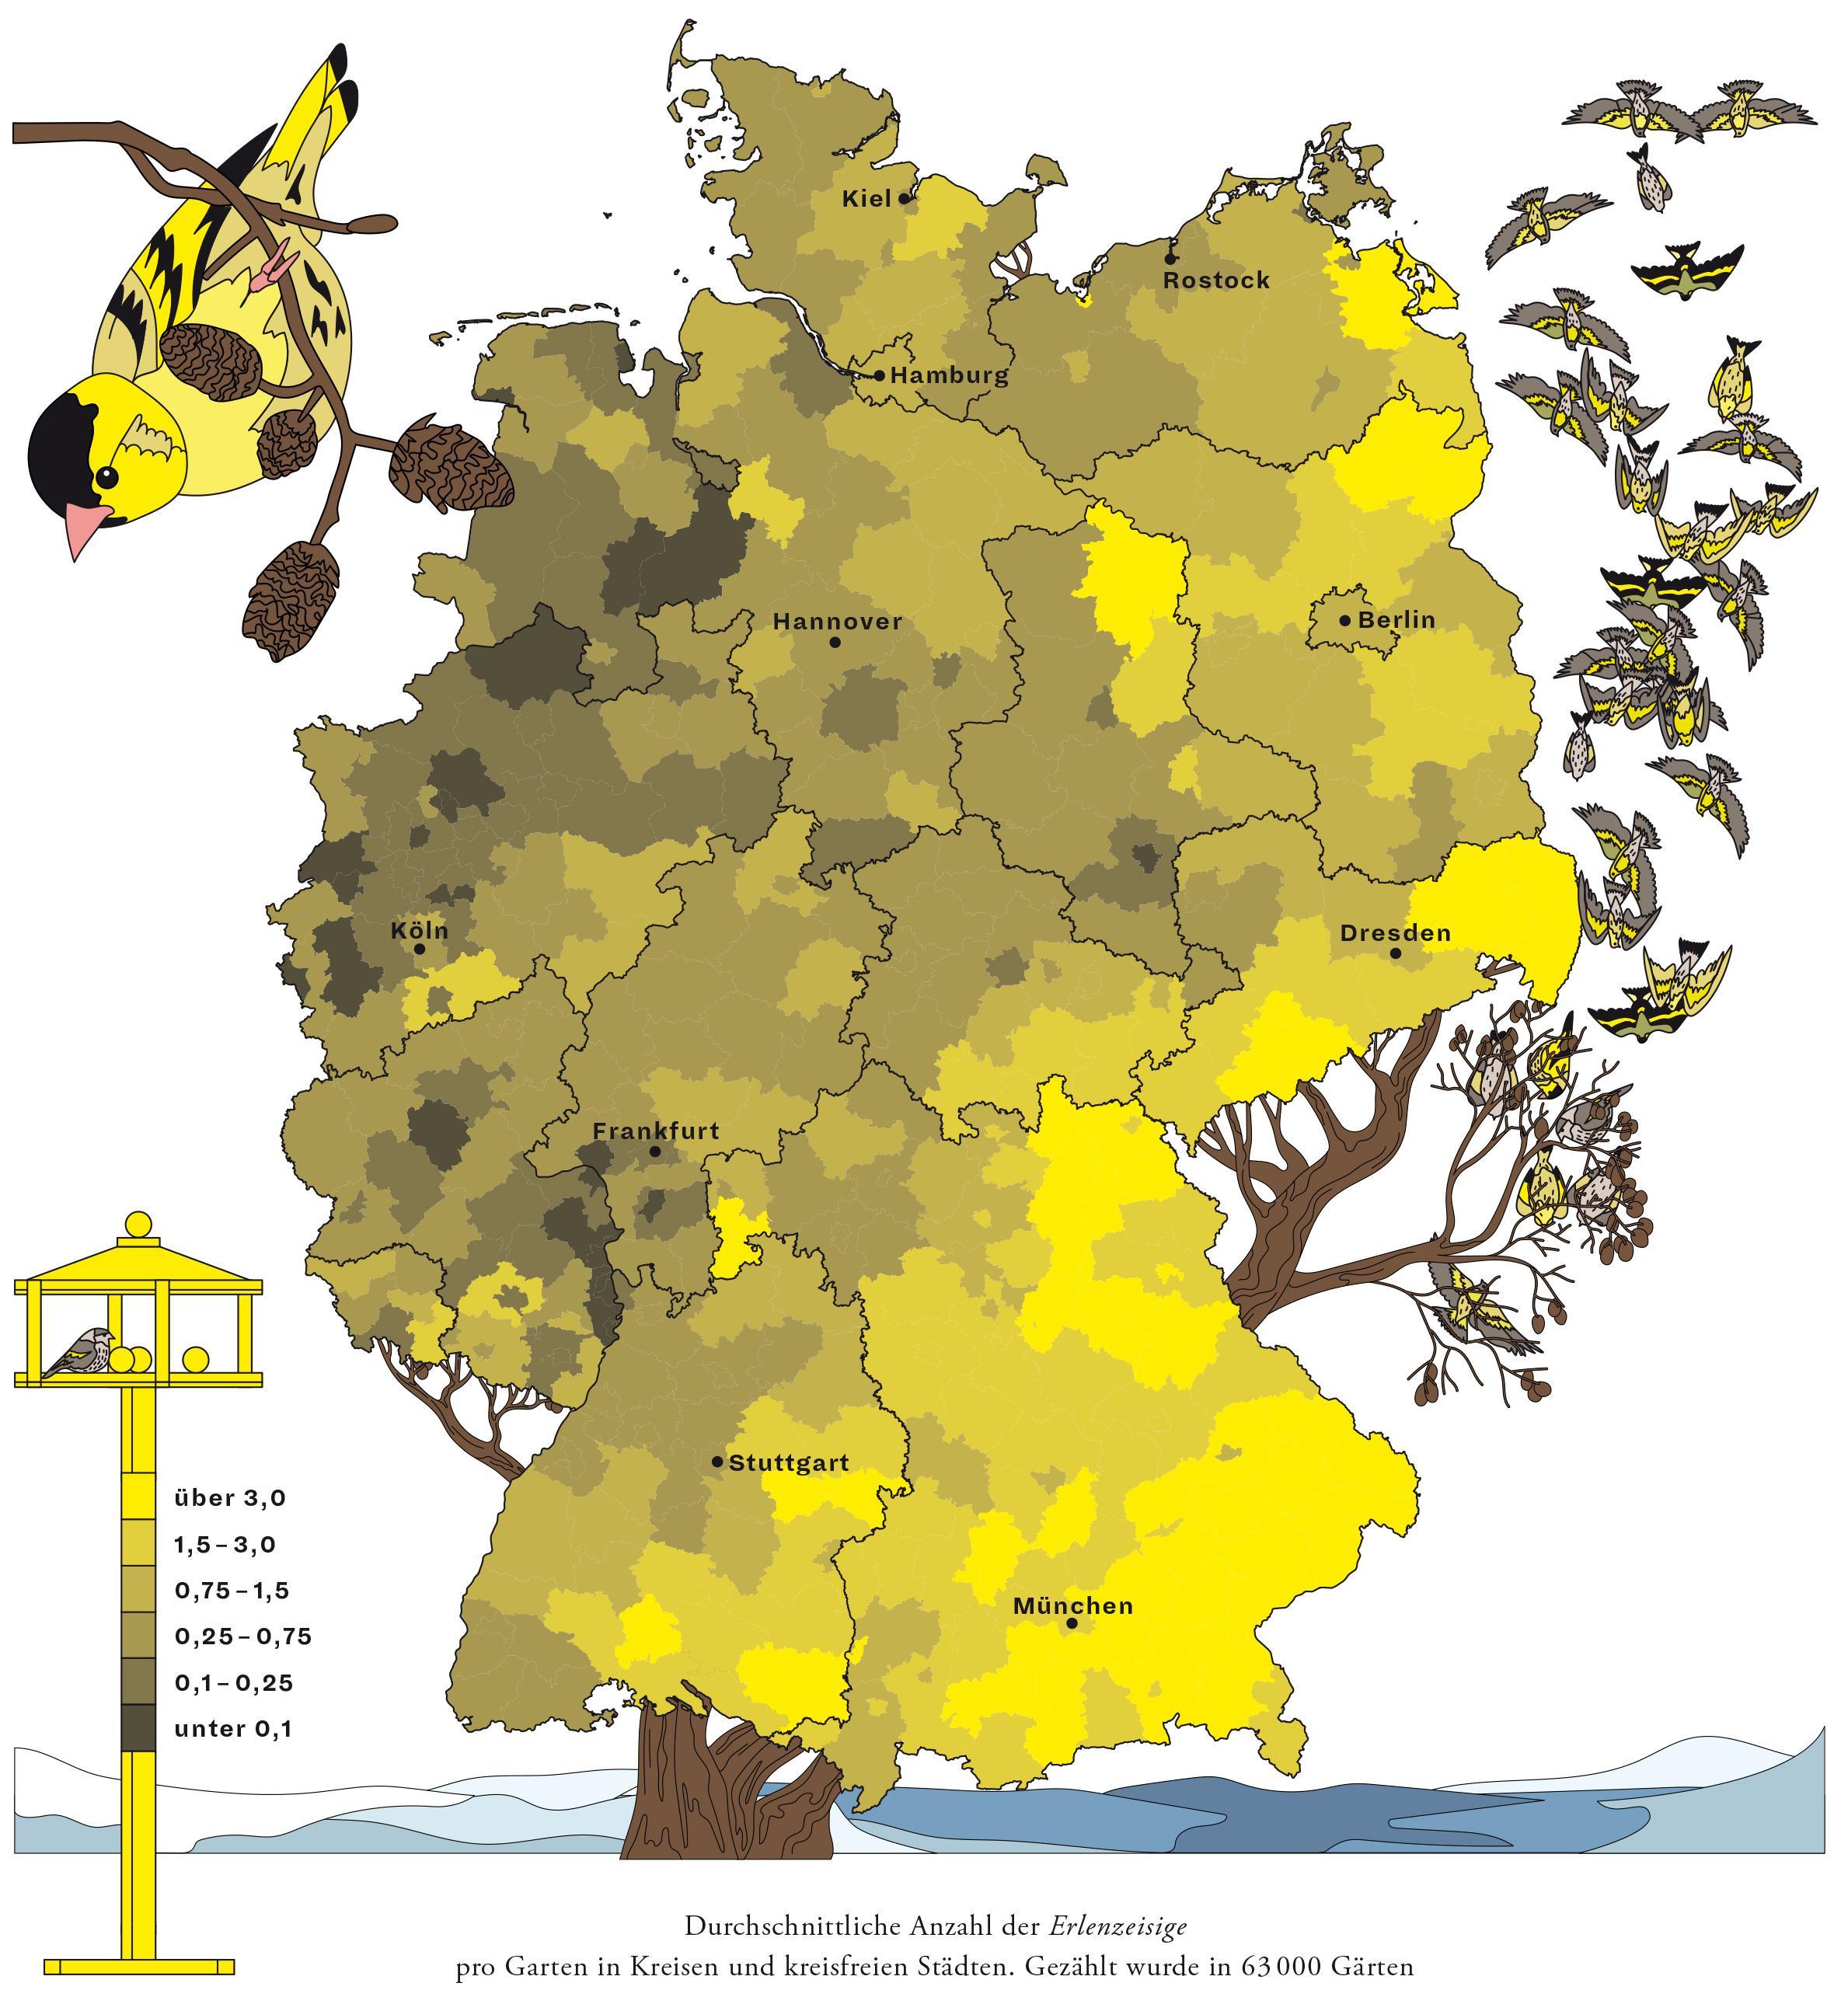 Deutschlandkarte: Der Erlenzeisig